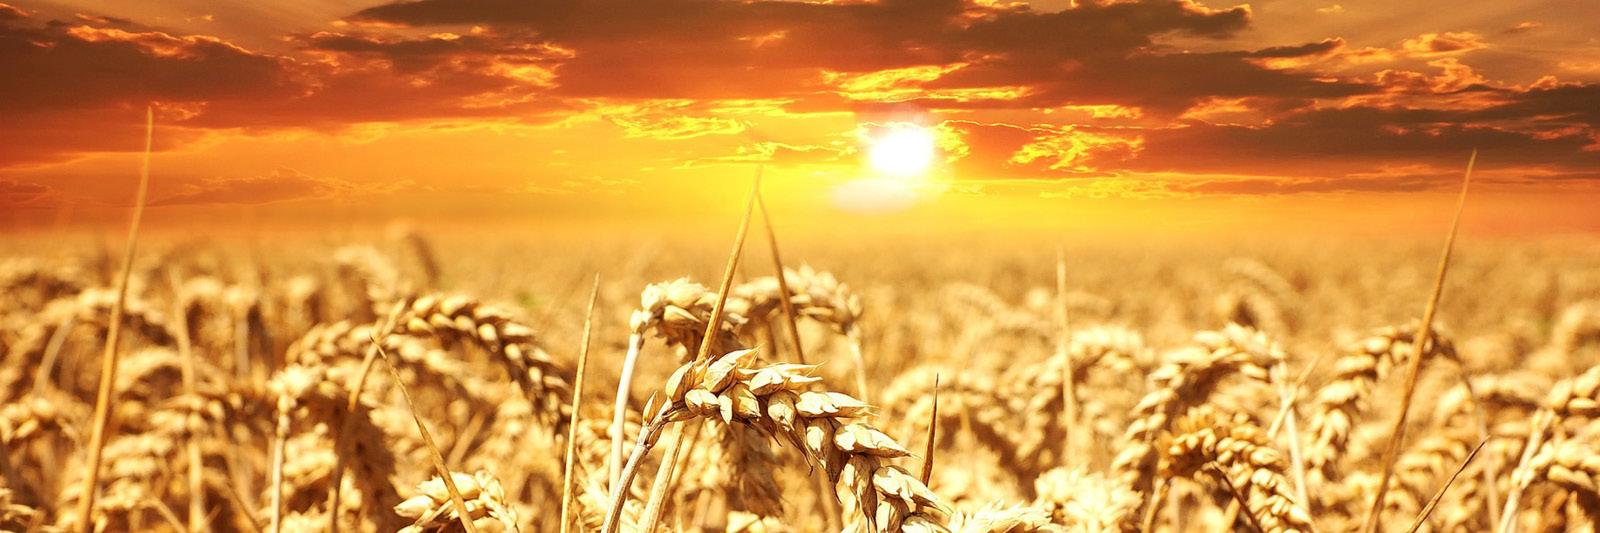 Sonnenenergie speichern Getreide